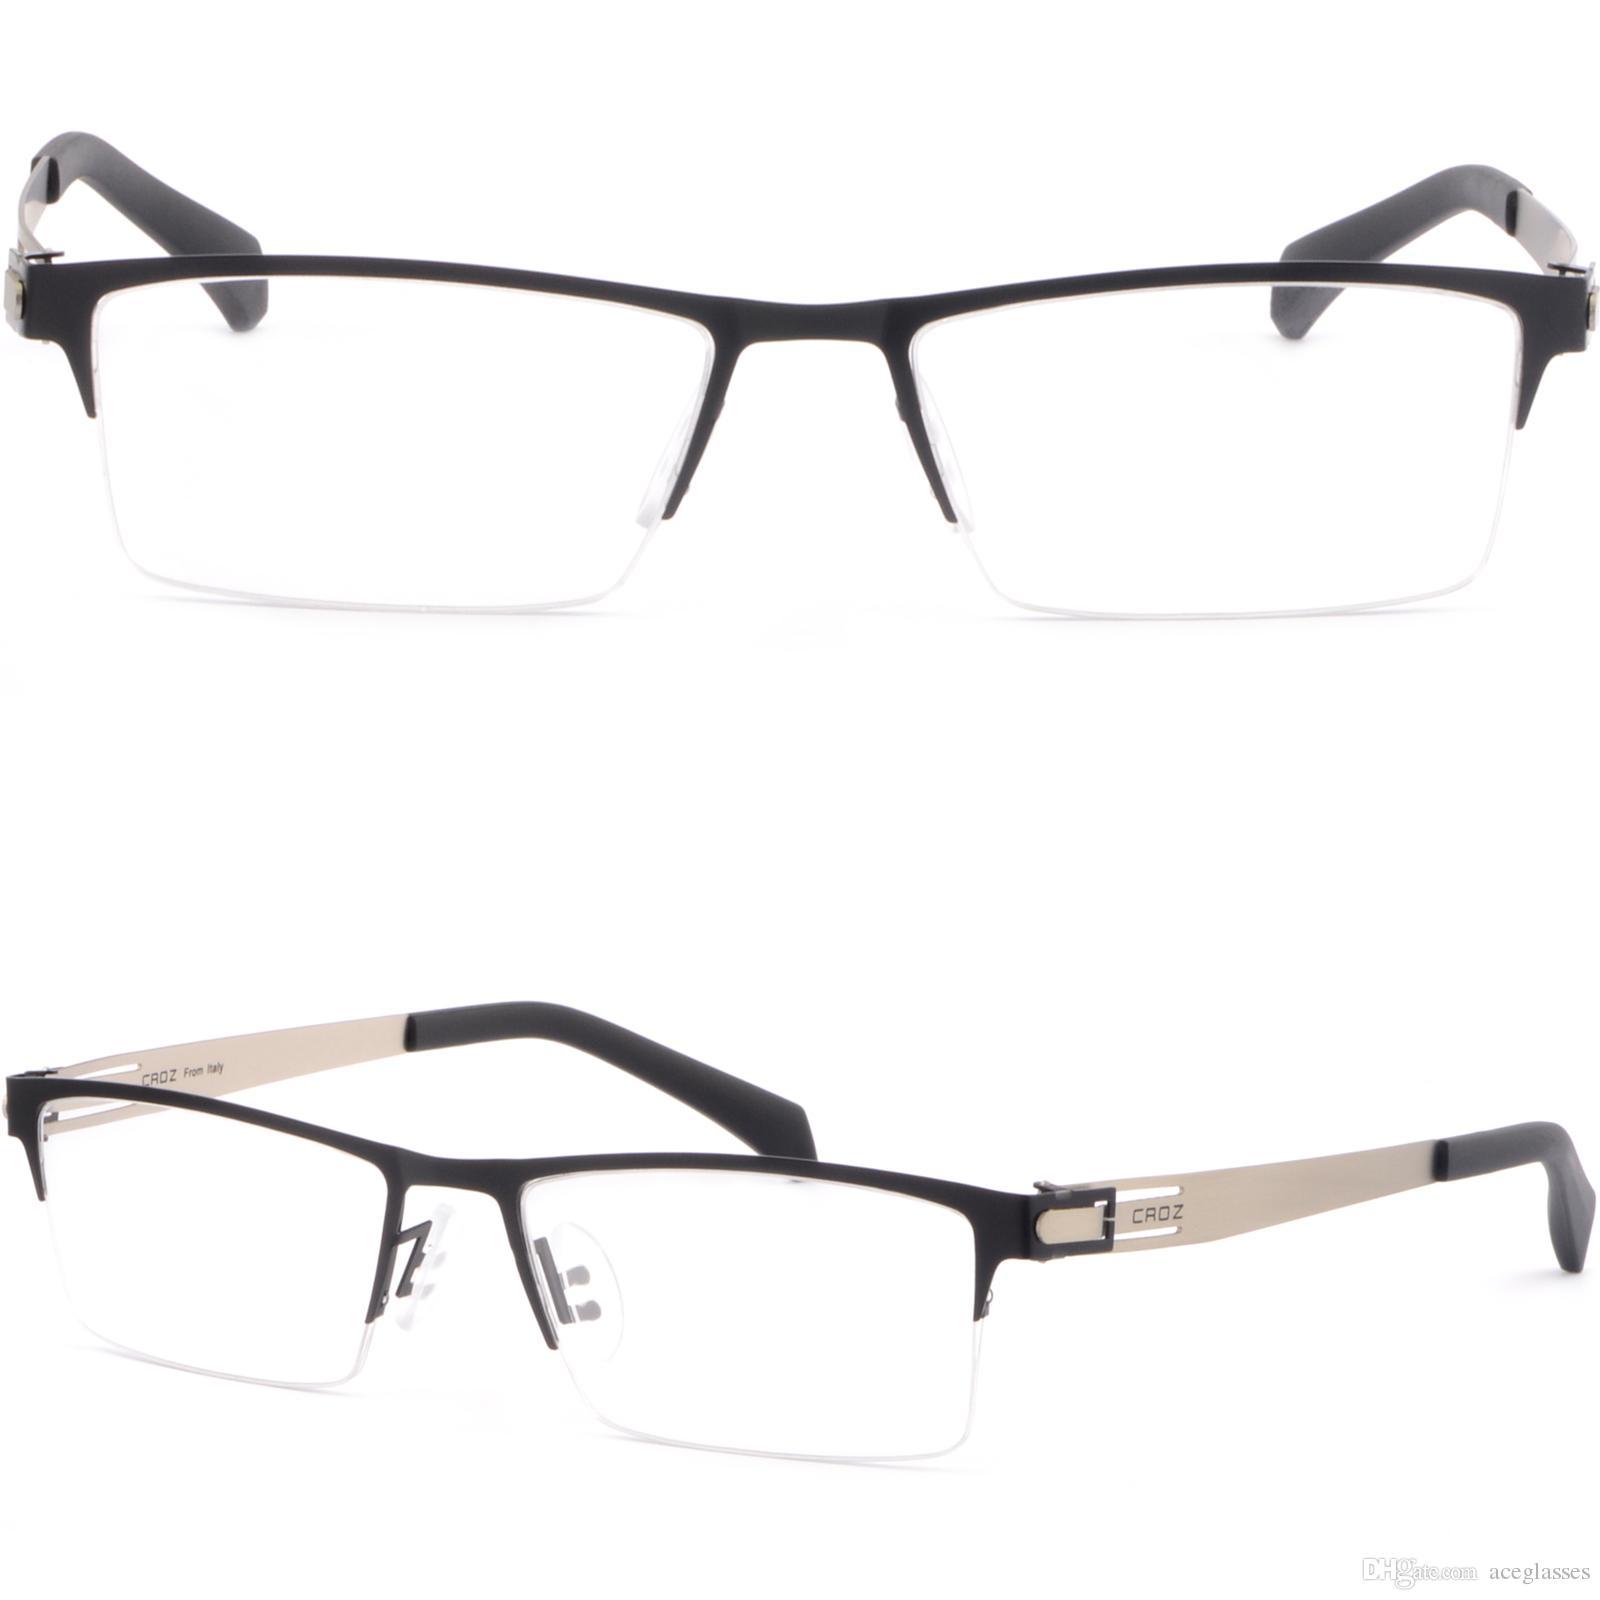 Compre Gafas Graduadas Negras Del Marco Titanium De Los Hombres De ...